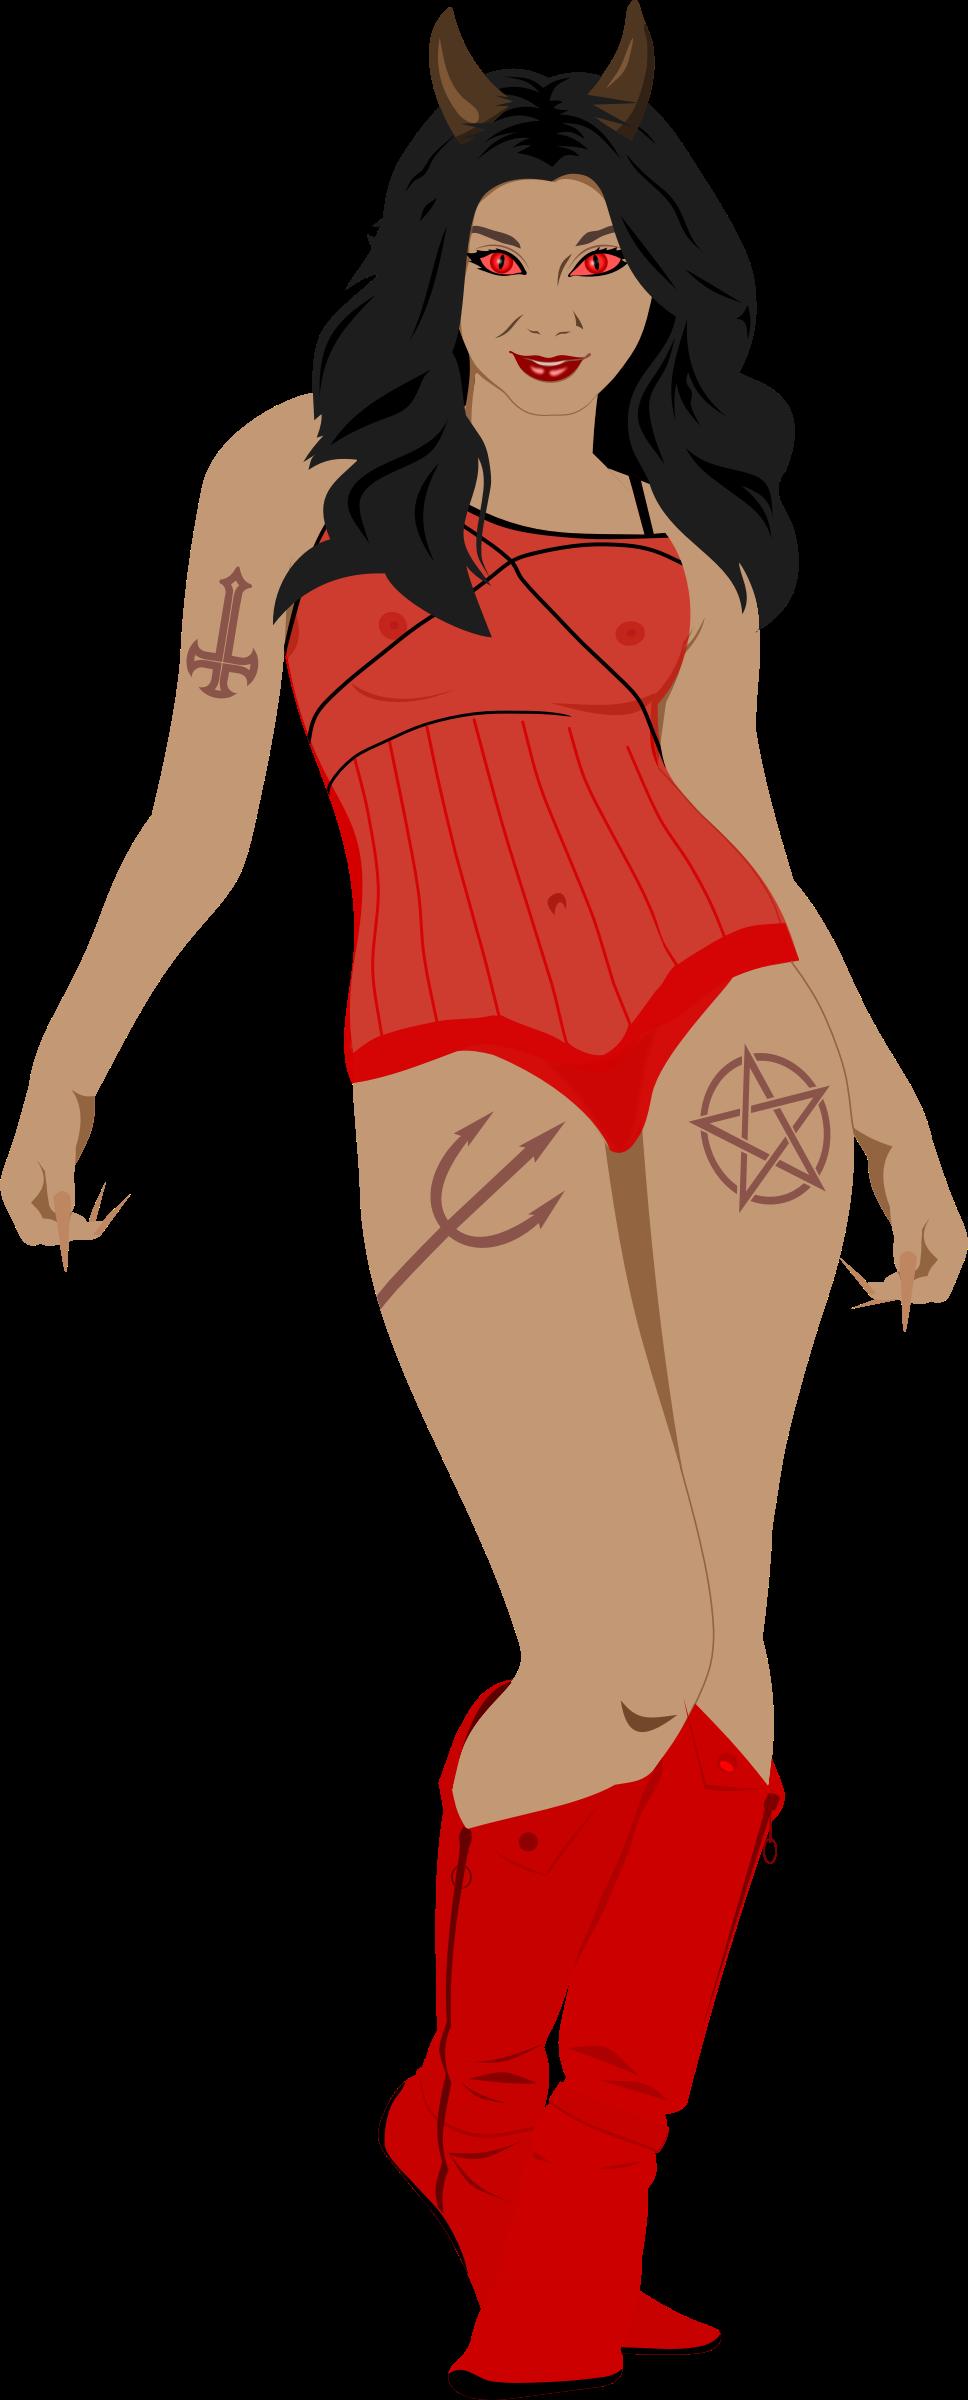 Female clipart angry. Devil girl frames illustrations